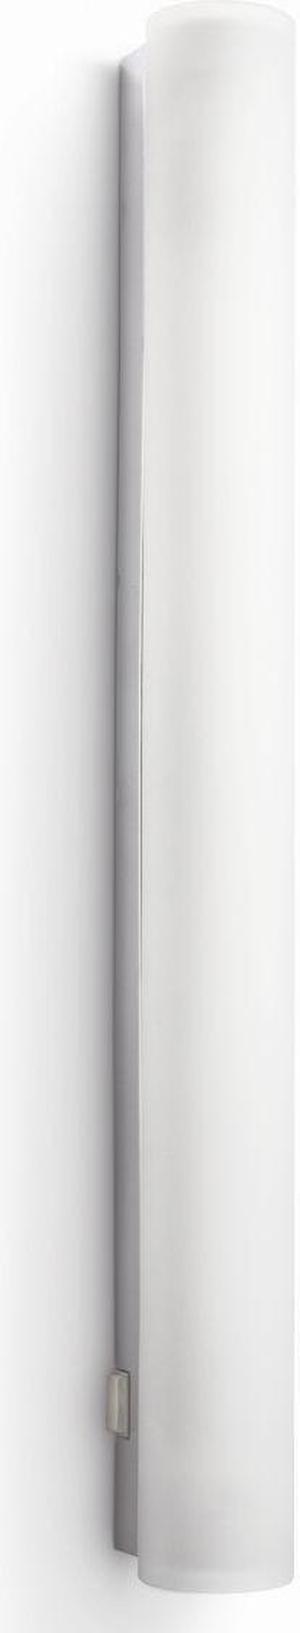 Philips LED Wandleuchte 4,5W G9 Vitalis Warmweiß 34094/11/16